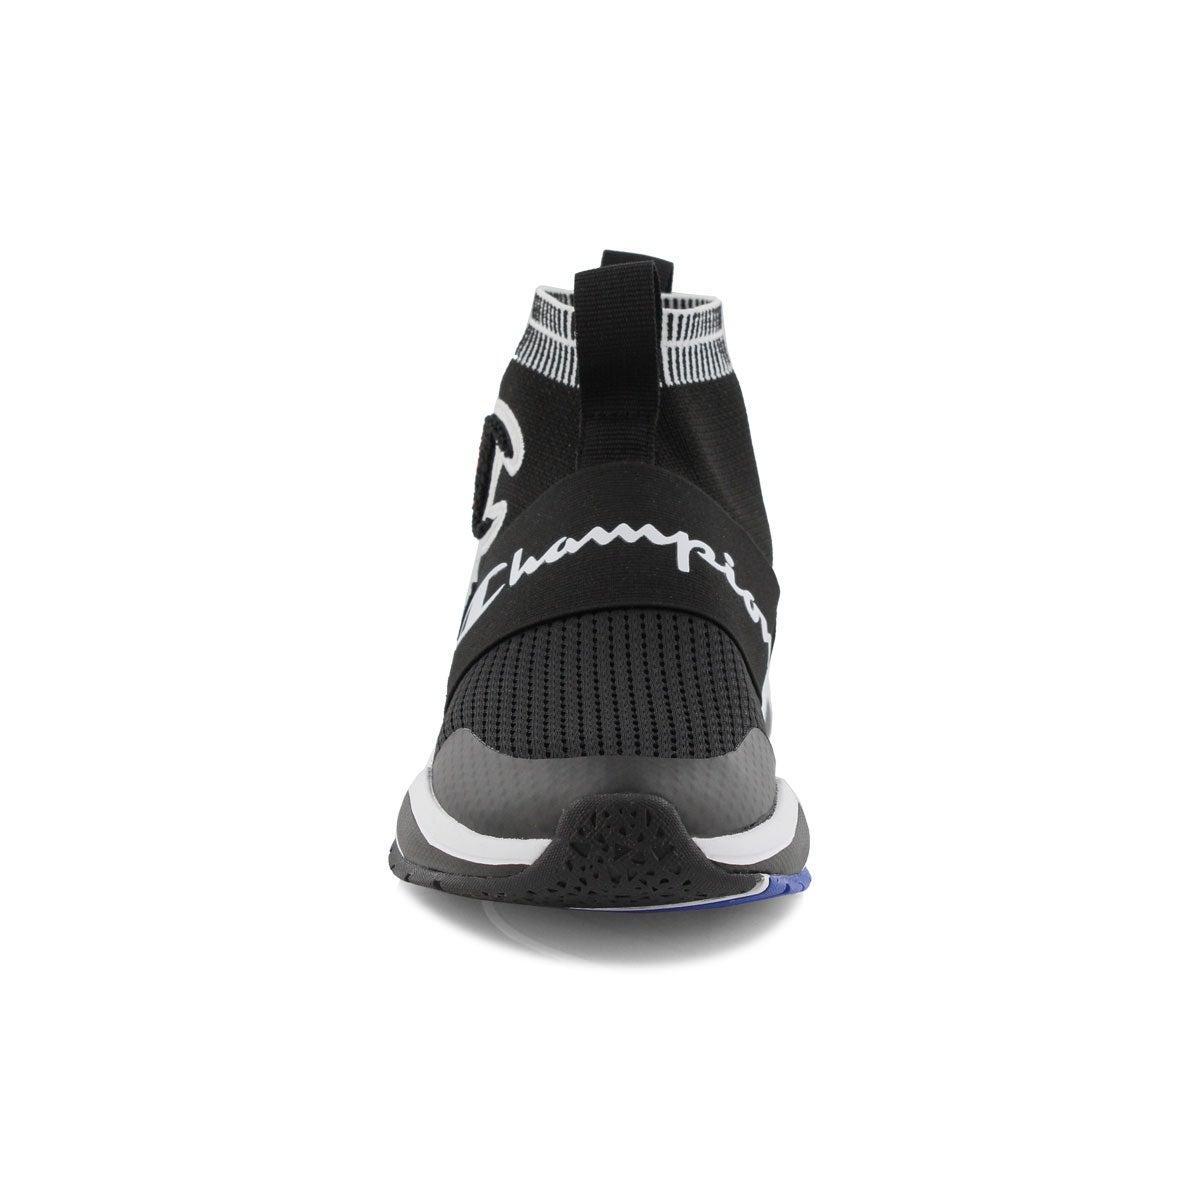 Girls' RALLY PRO black slip on sneaker